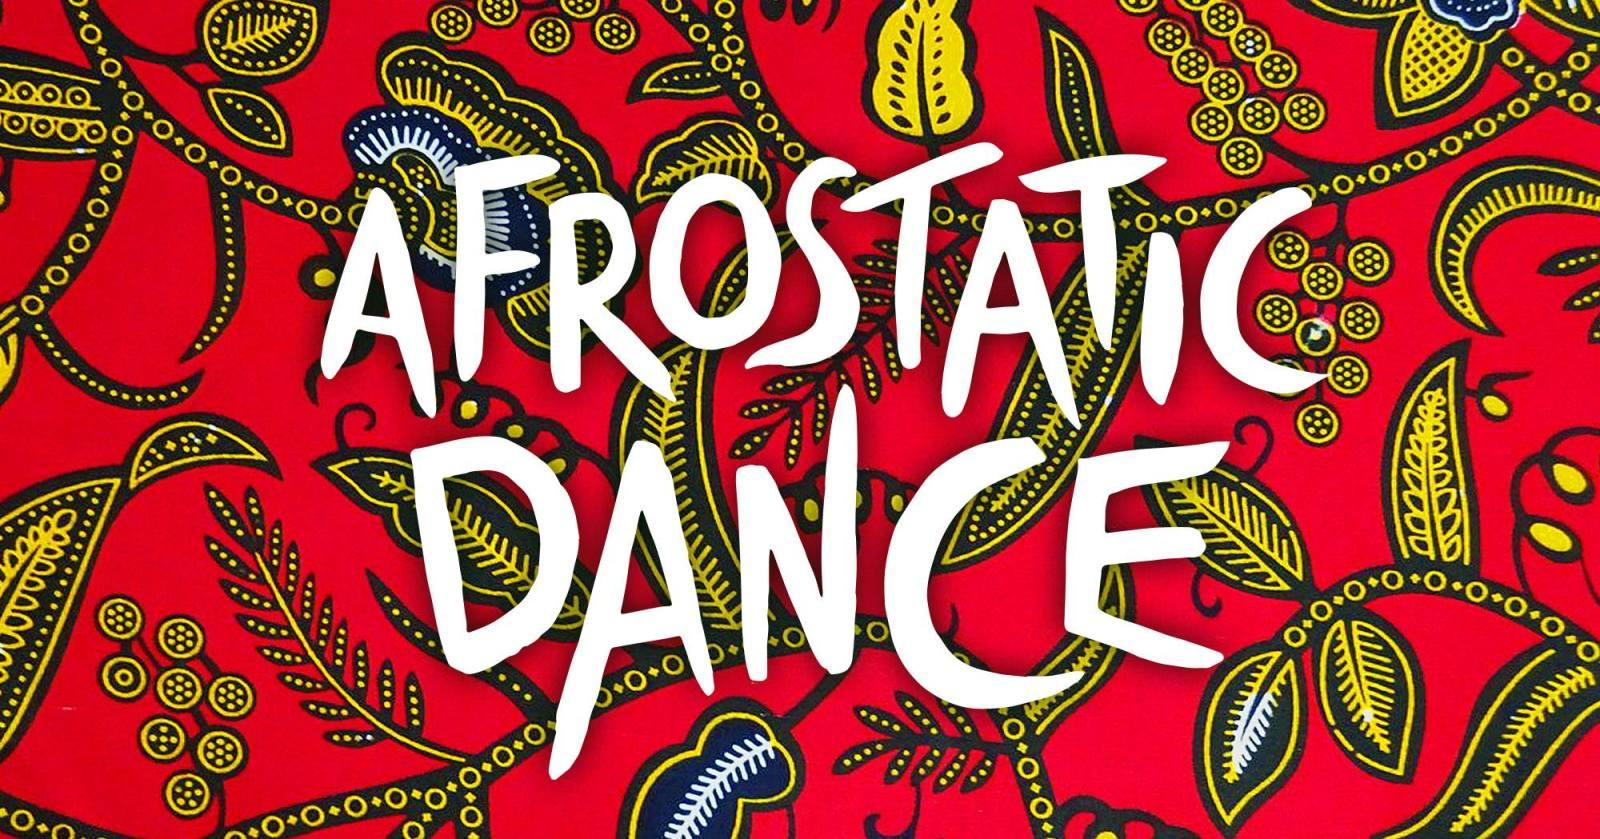 Afrostatic